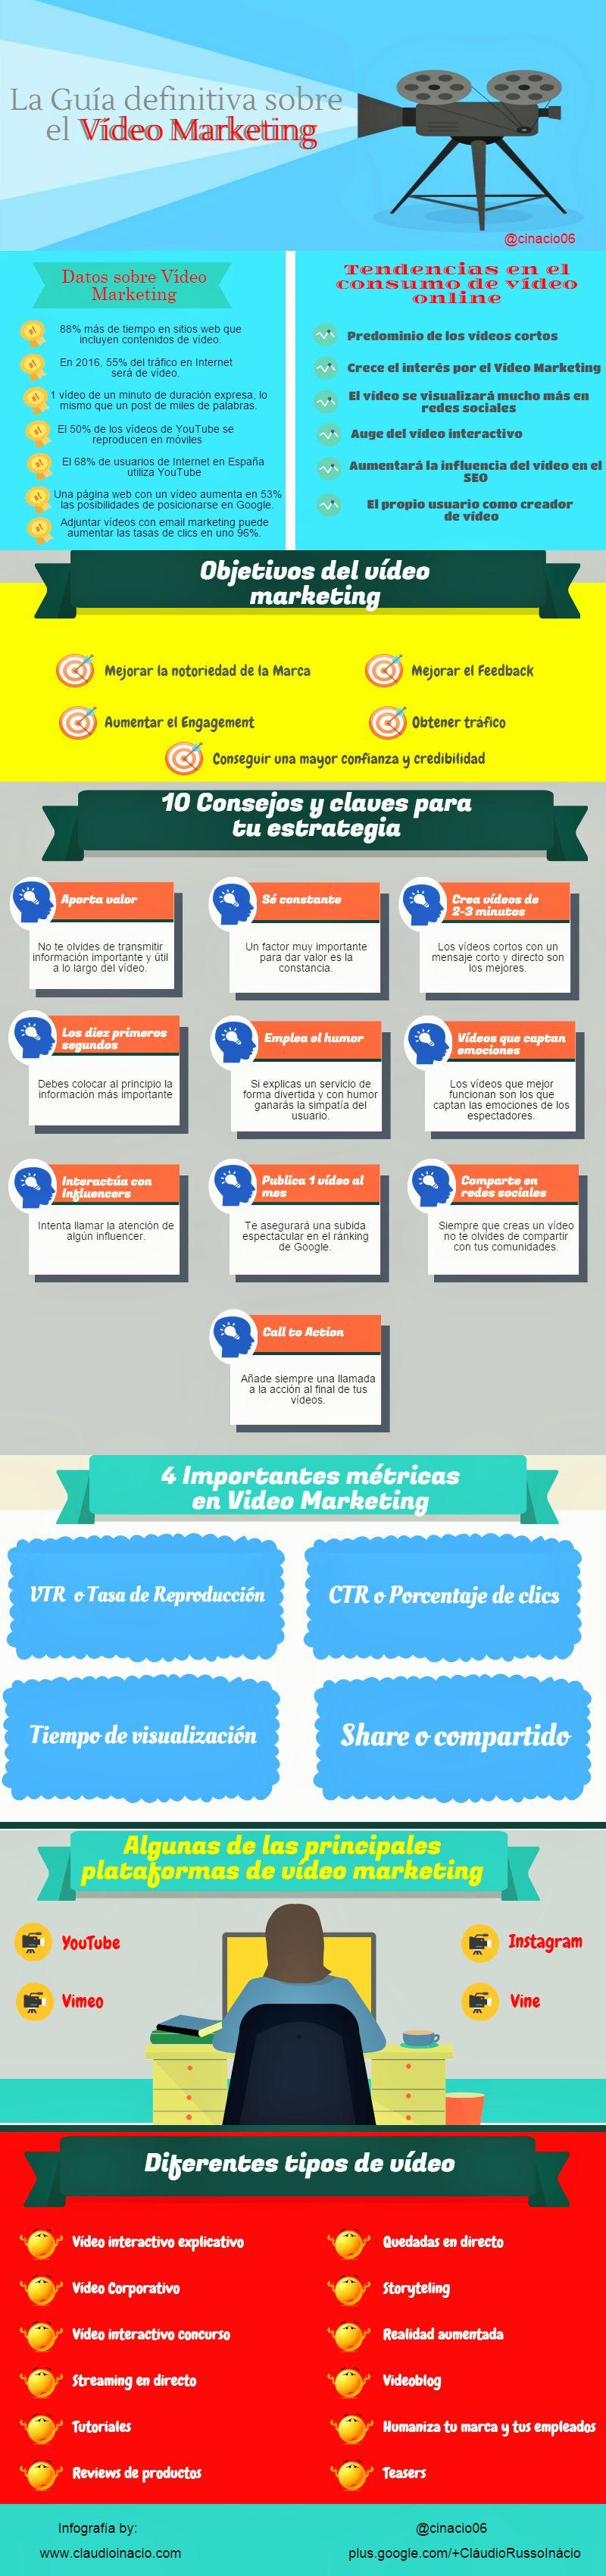 La guía más completa sobre Vídeo Marketing (infografía)